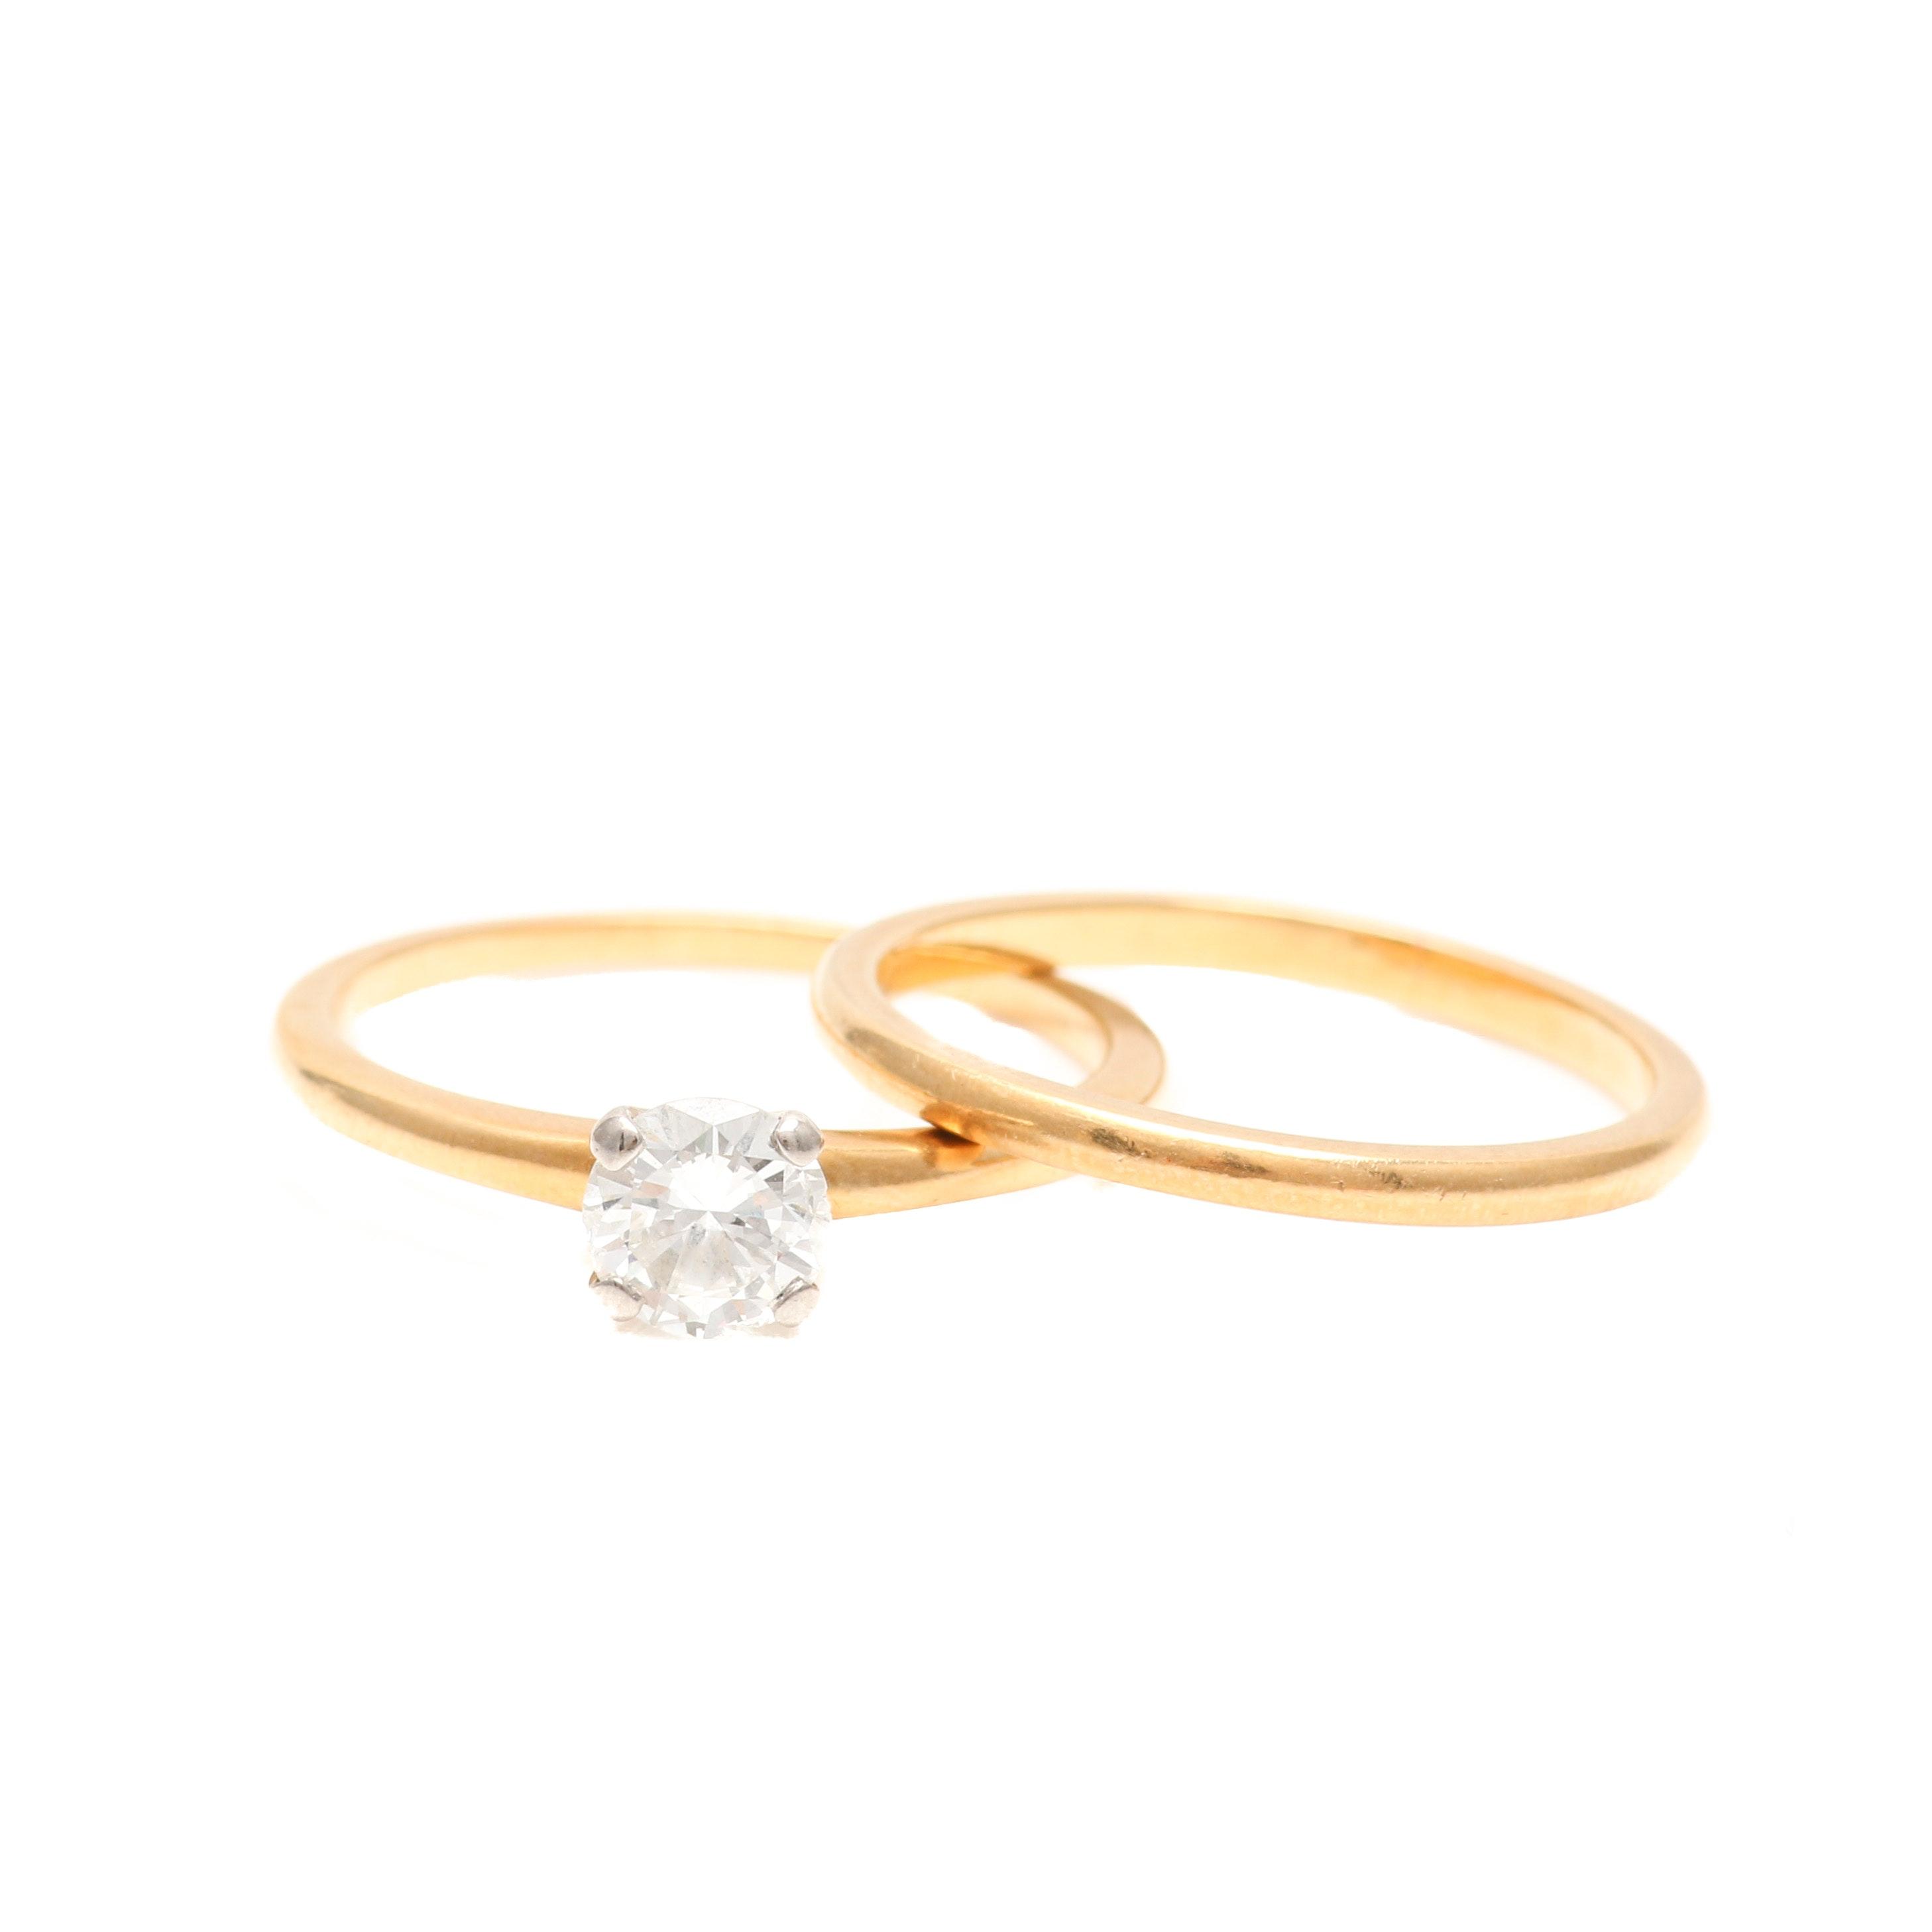 Jabel 18K Yellow Gold Diamond Wedding Ring Set